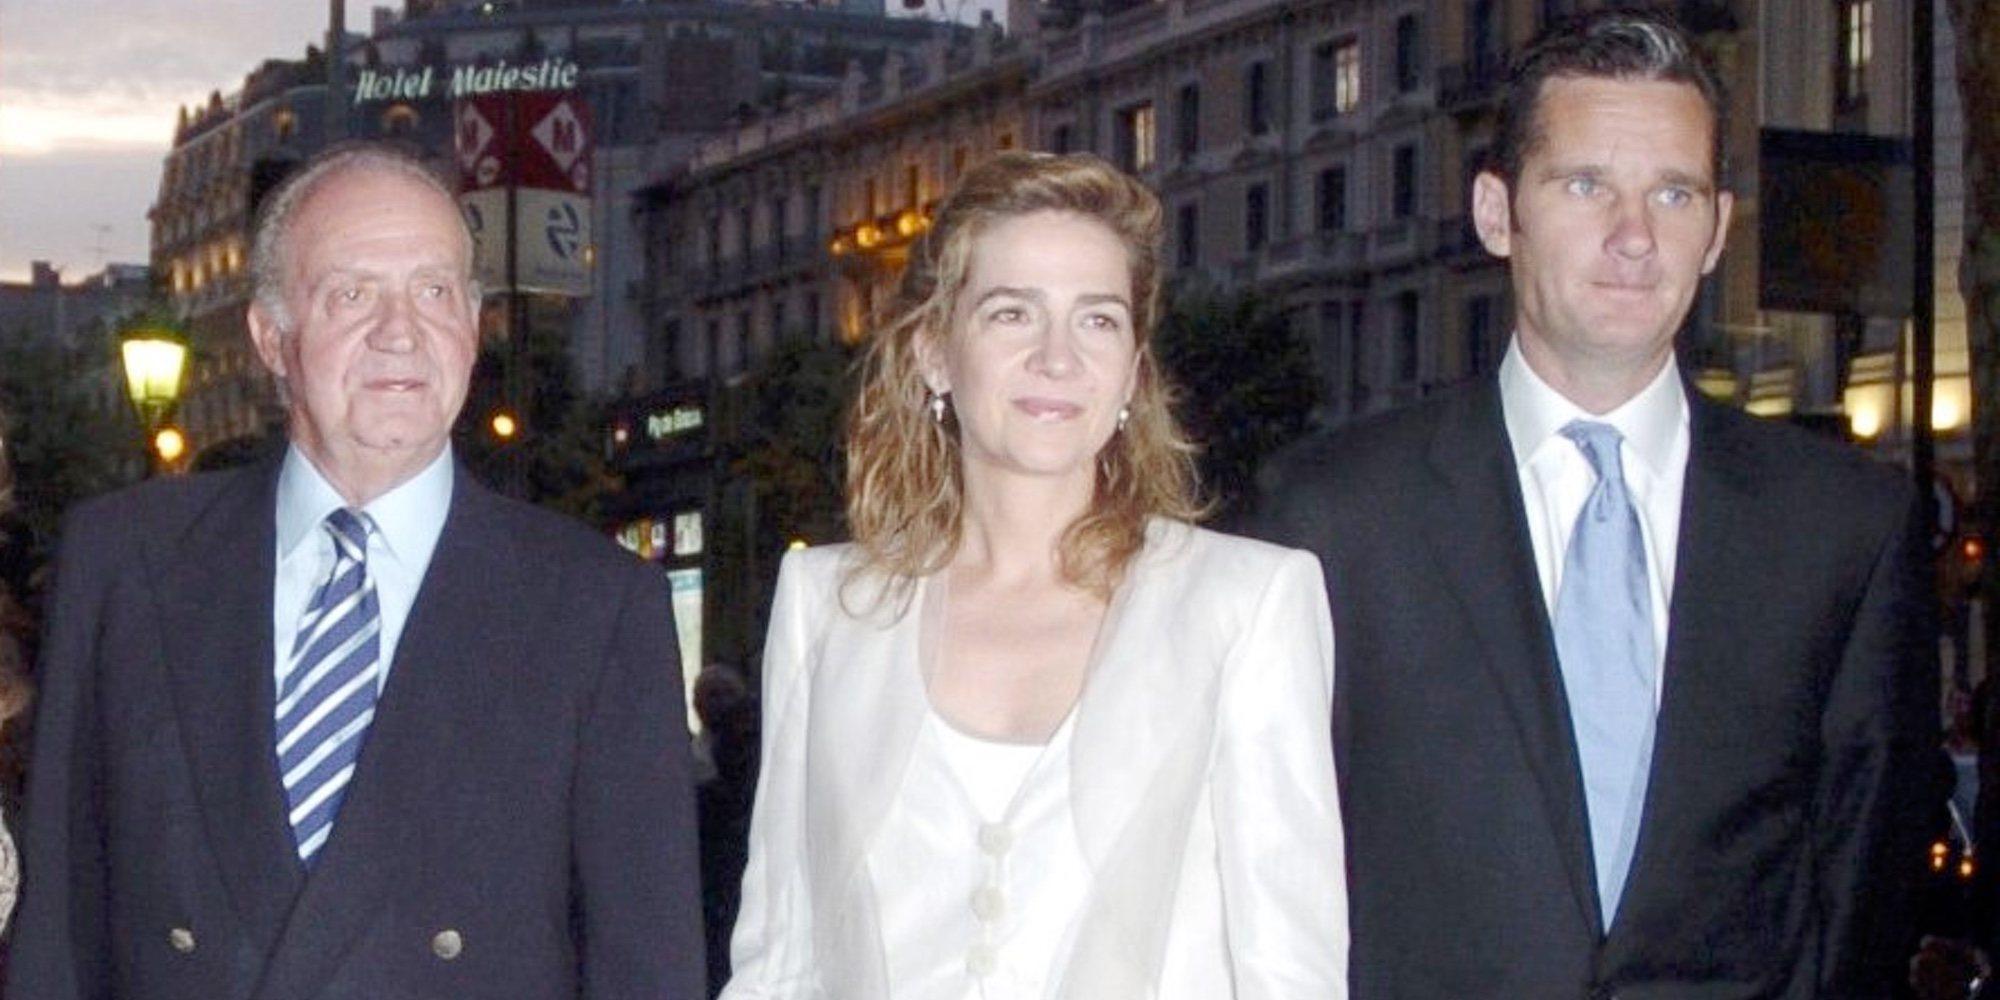 Todo lo que la Infanta Cristina e Iñaki Urdangarin deben al Rey Juan Carlos y todo lo que pueden reprocharle